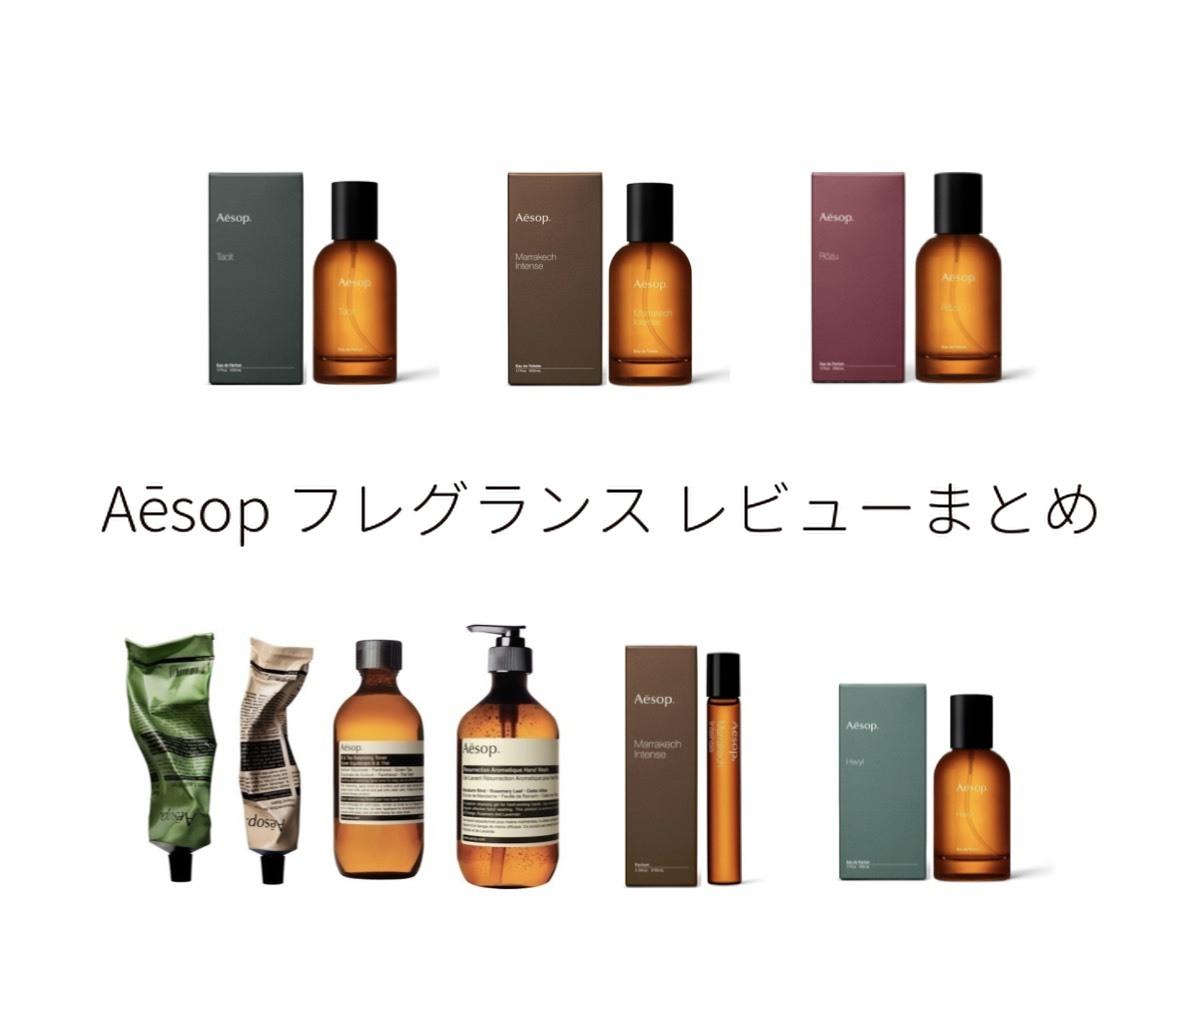 【イソップ香水】新作「ローズ 」出た♪4種類の香りを徹底比較♪どの香りが一番人気?